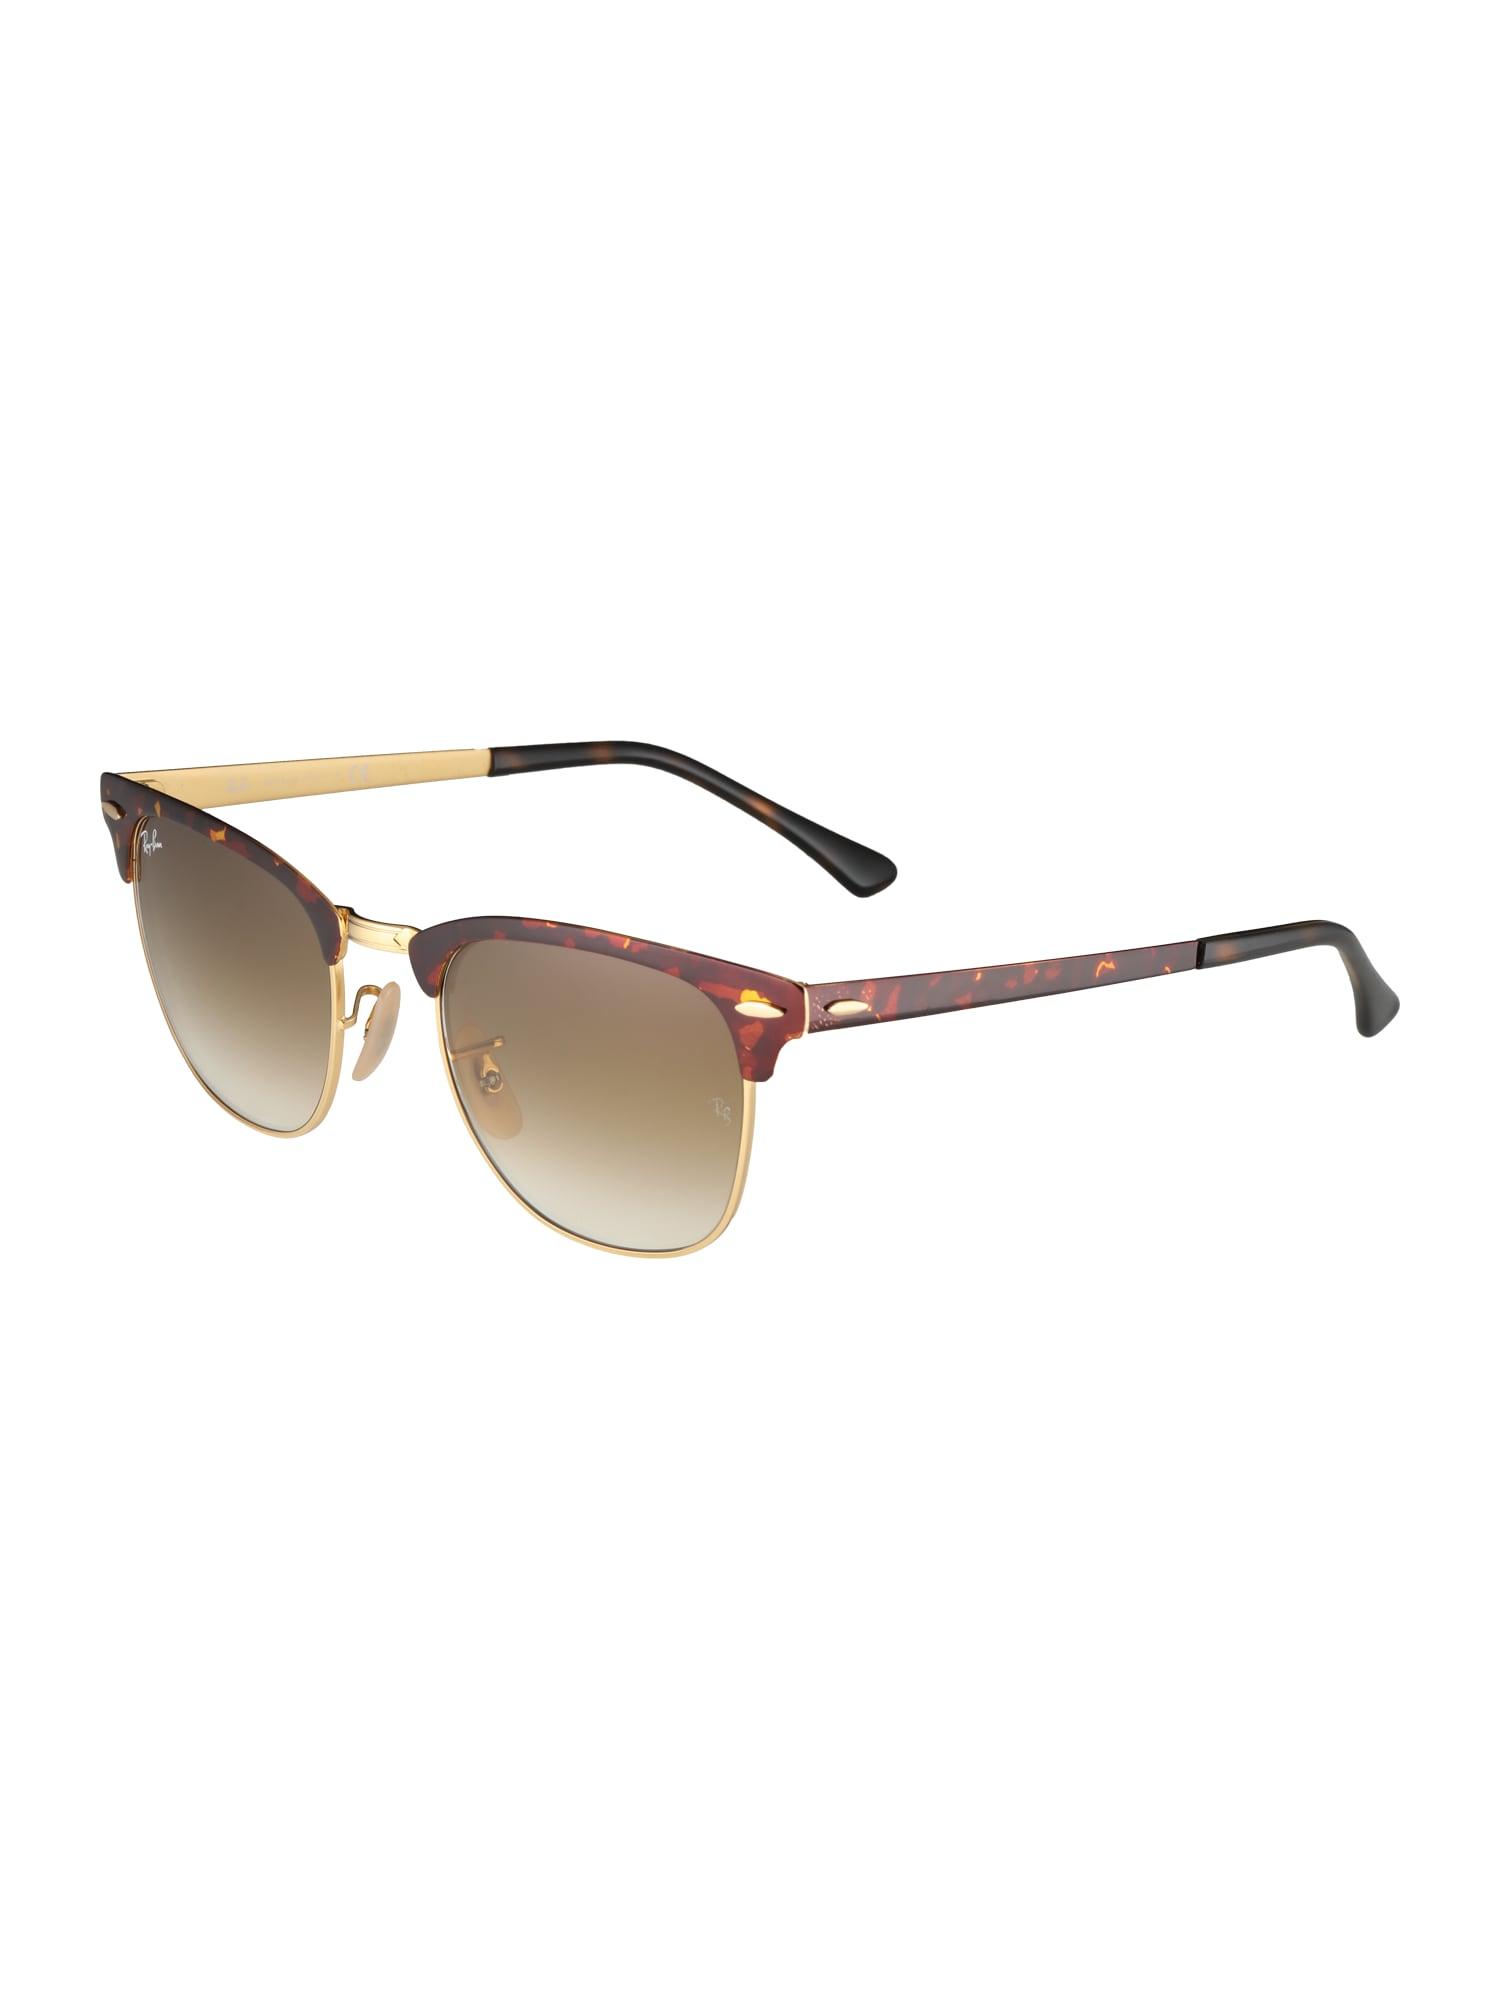 Sluneční brýle RB3716 hnědá zlatá Ray-Ban